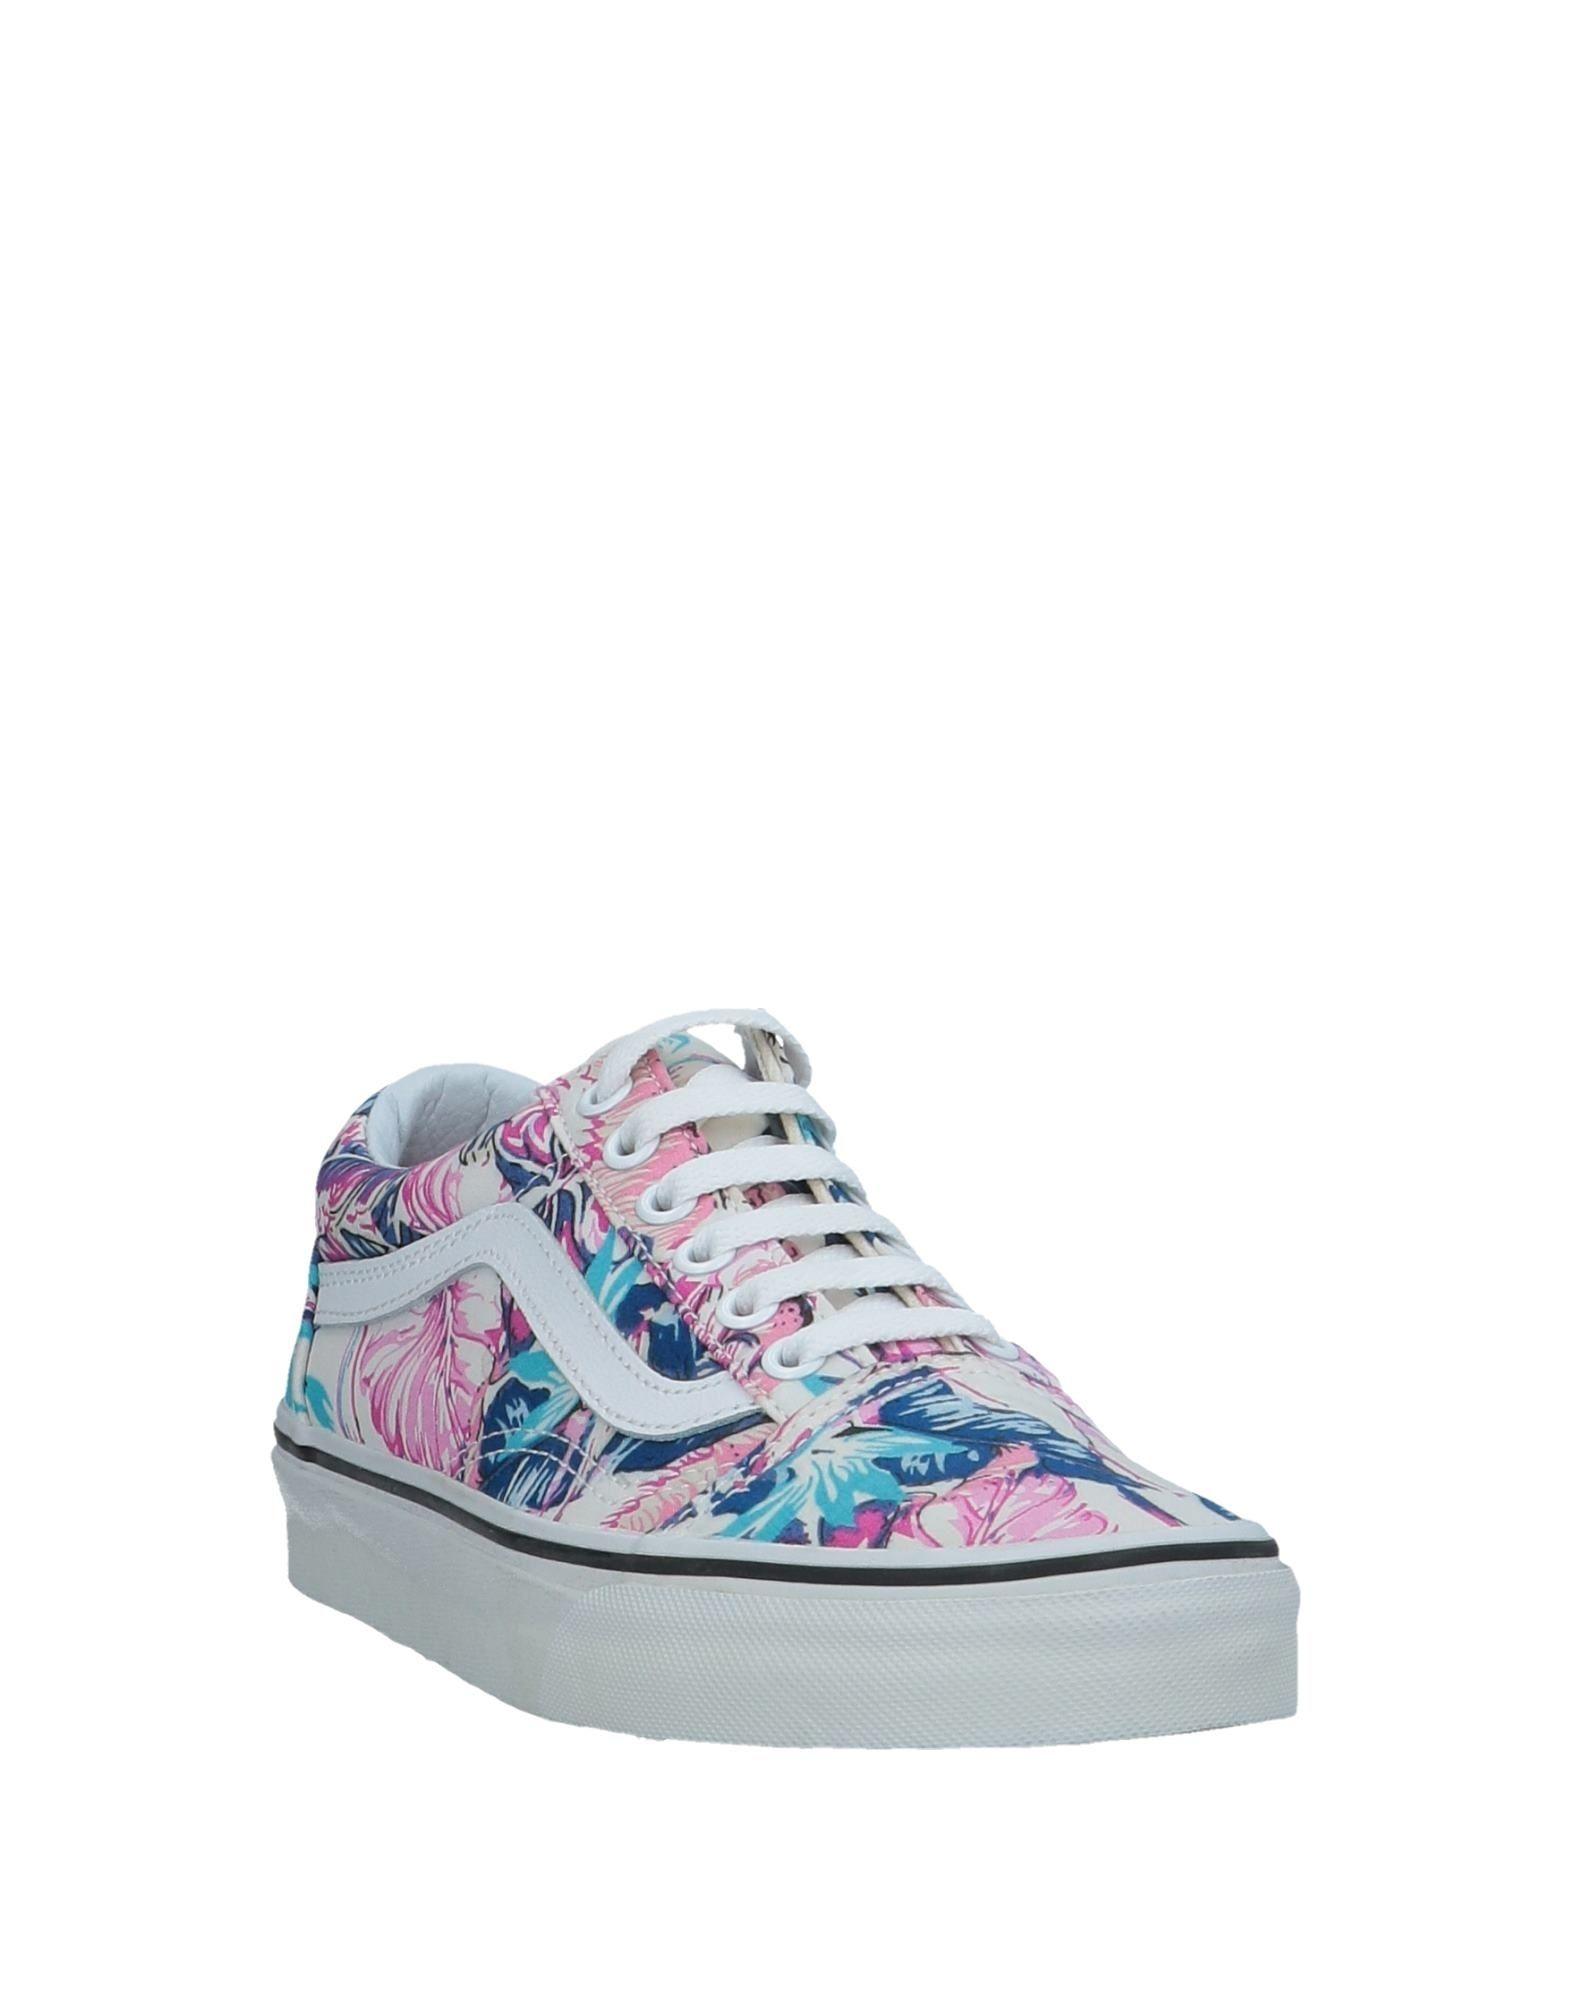 Vans Sneakers Damen   Damen 11522781NF  cfde96